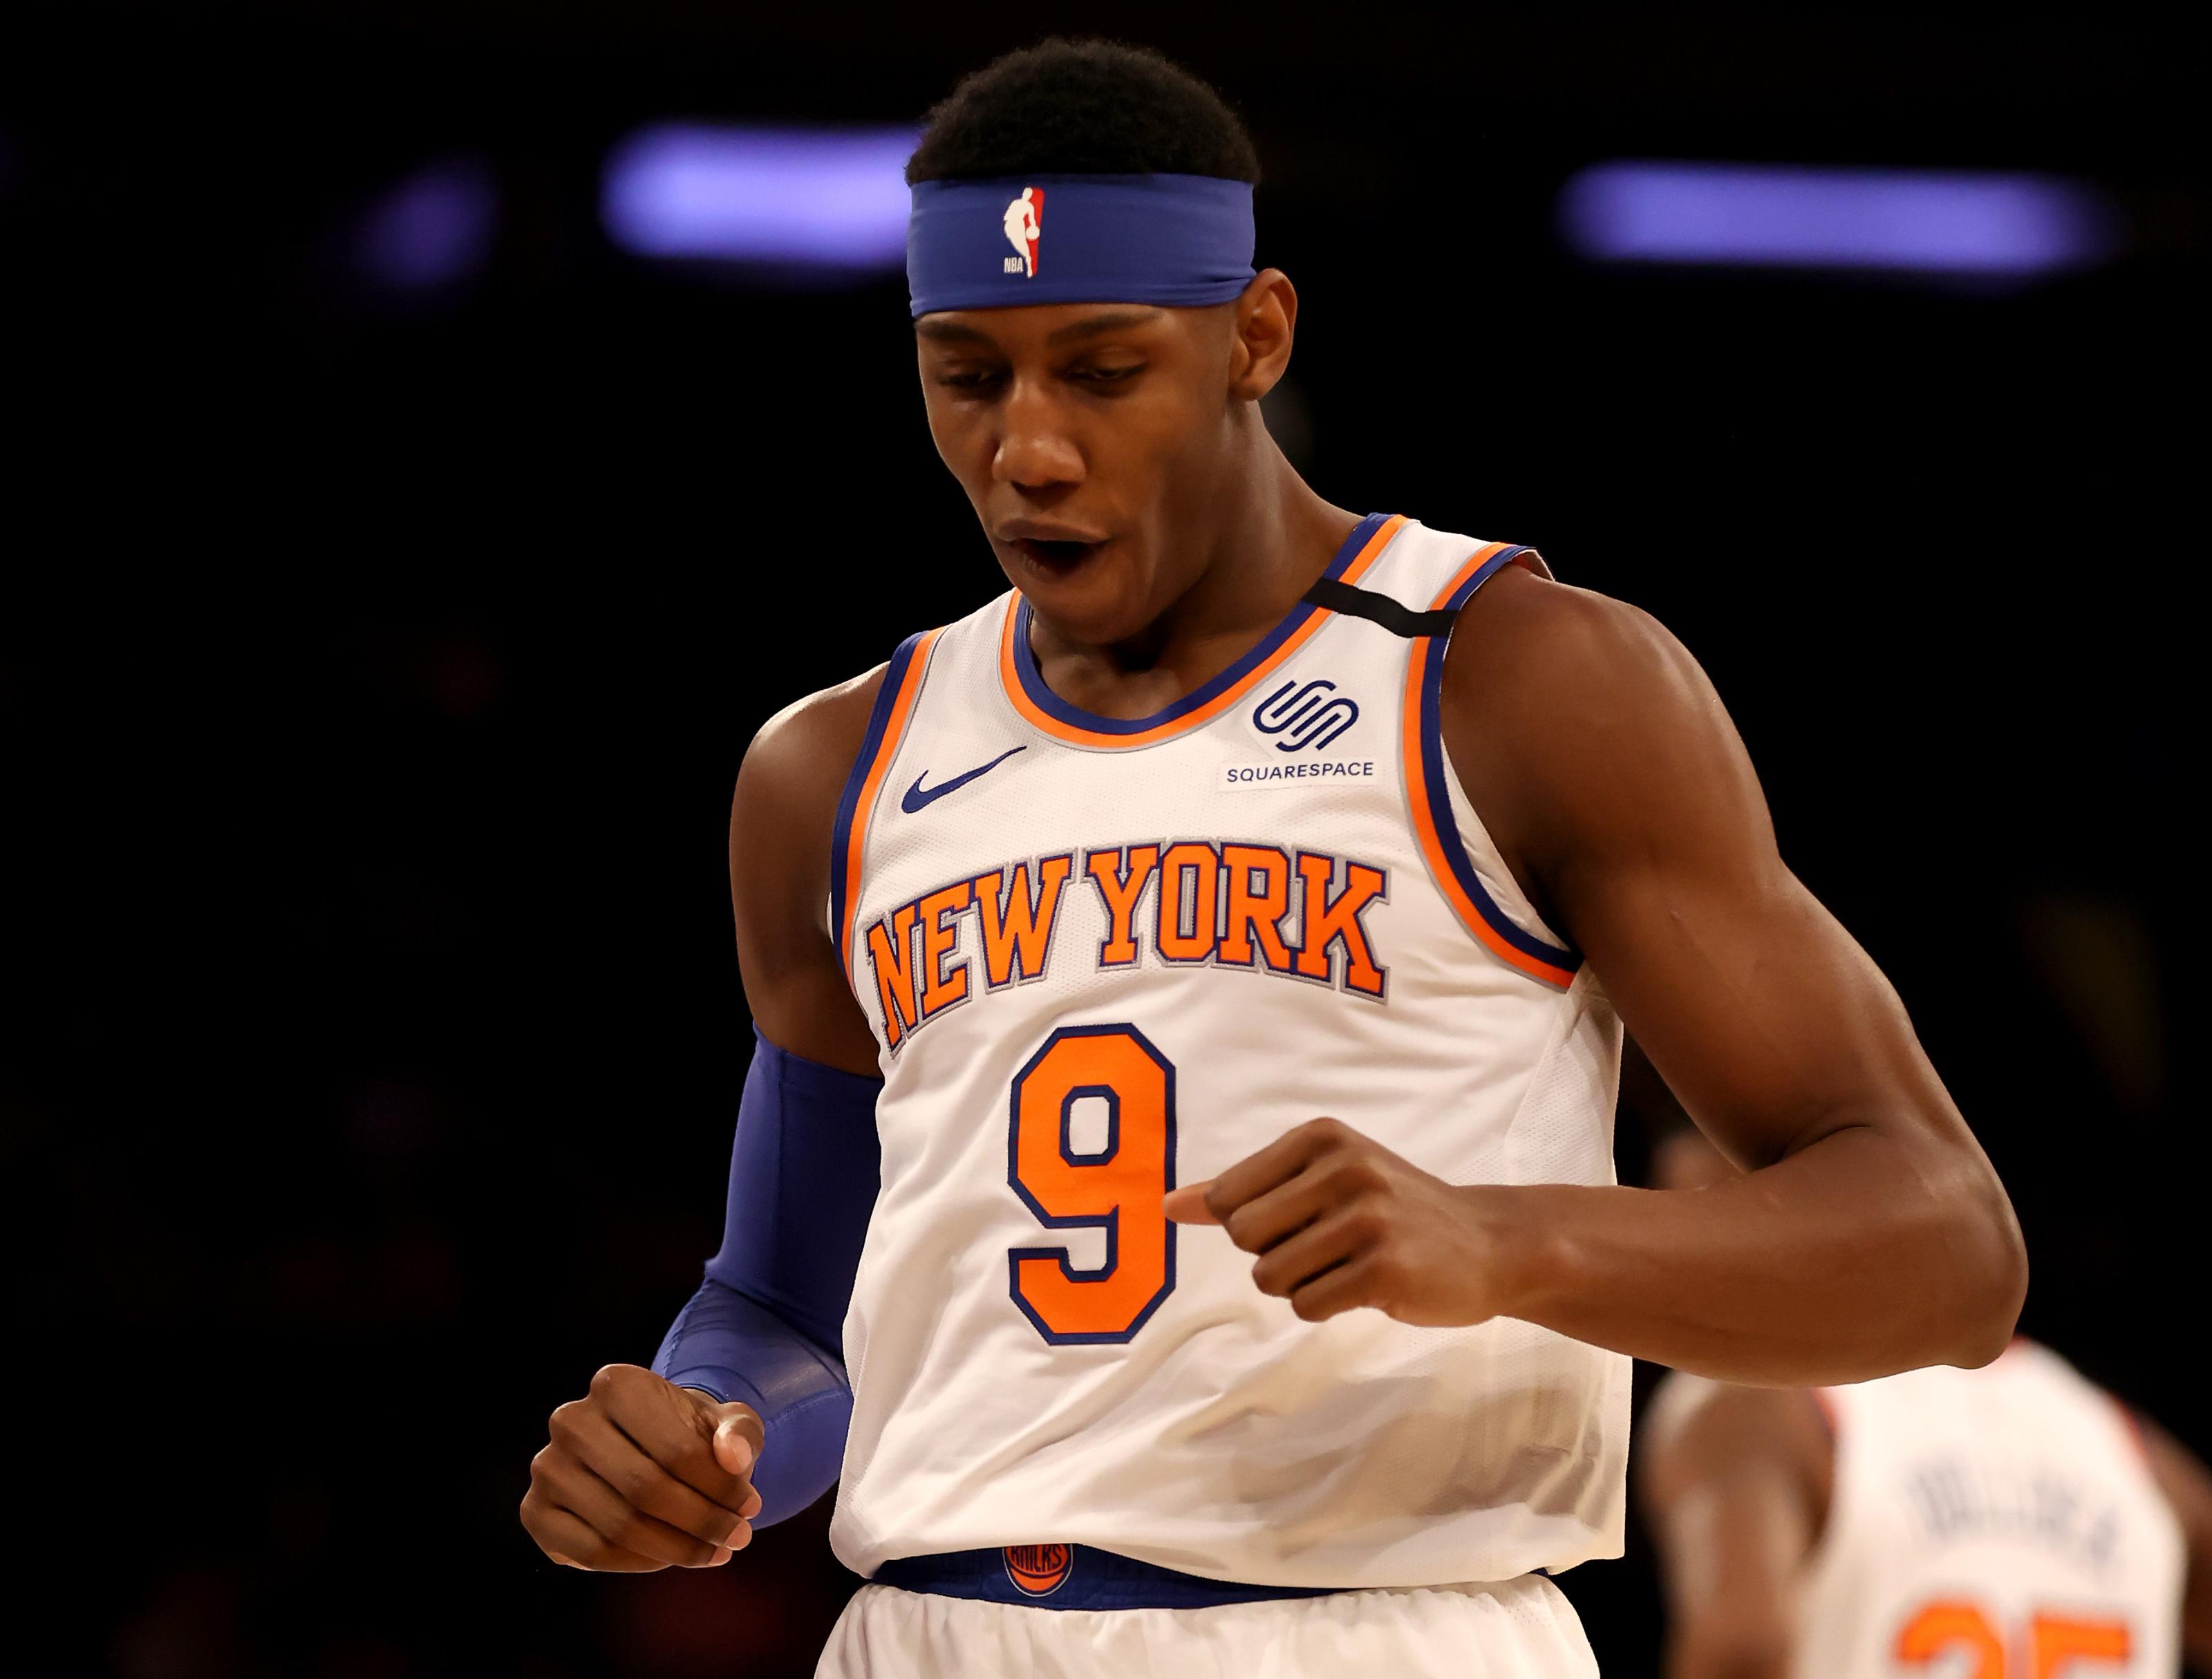 R.J. Barrett is the lone reason Knicks fans should hope